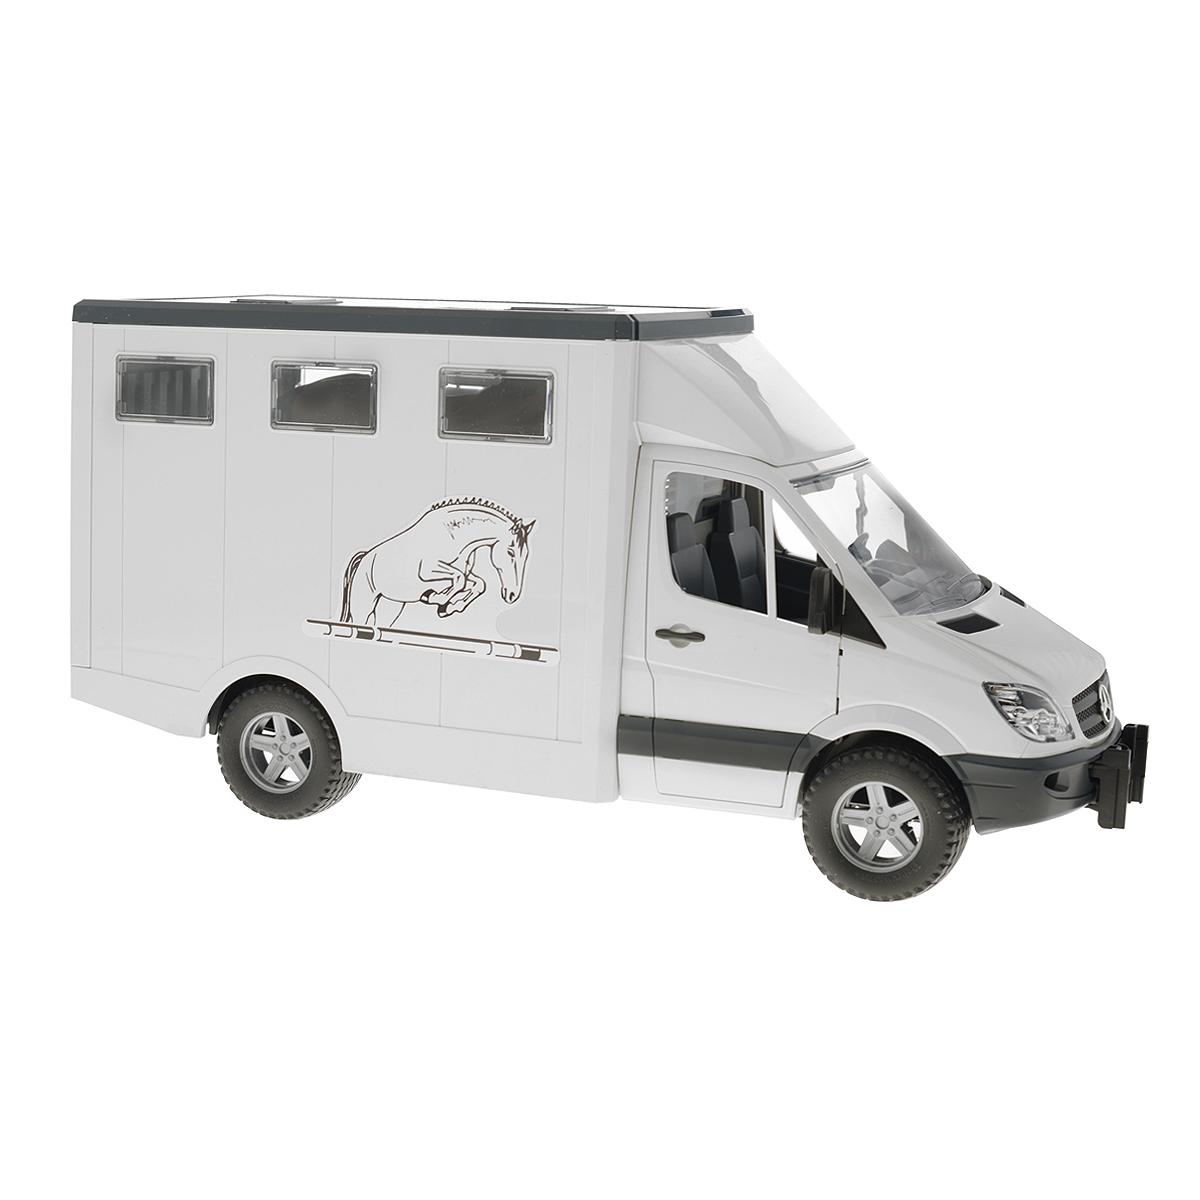 Фургон Bruder Mercedes-Benz, с лошадью, цвет: белый, серый bruder фургон man для перевозки животных с коровой 02 749